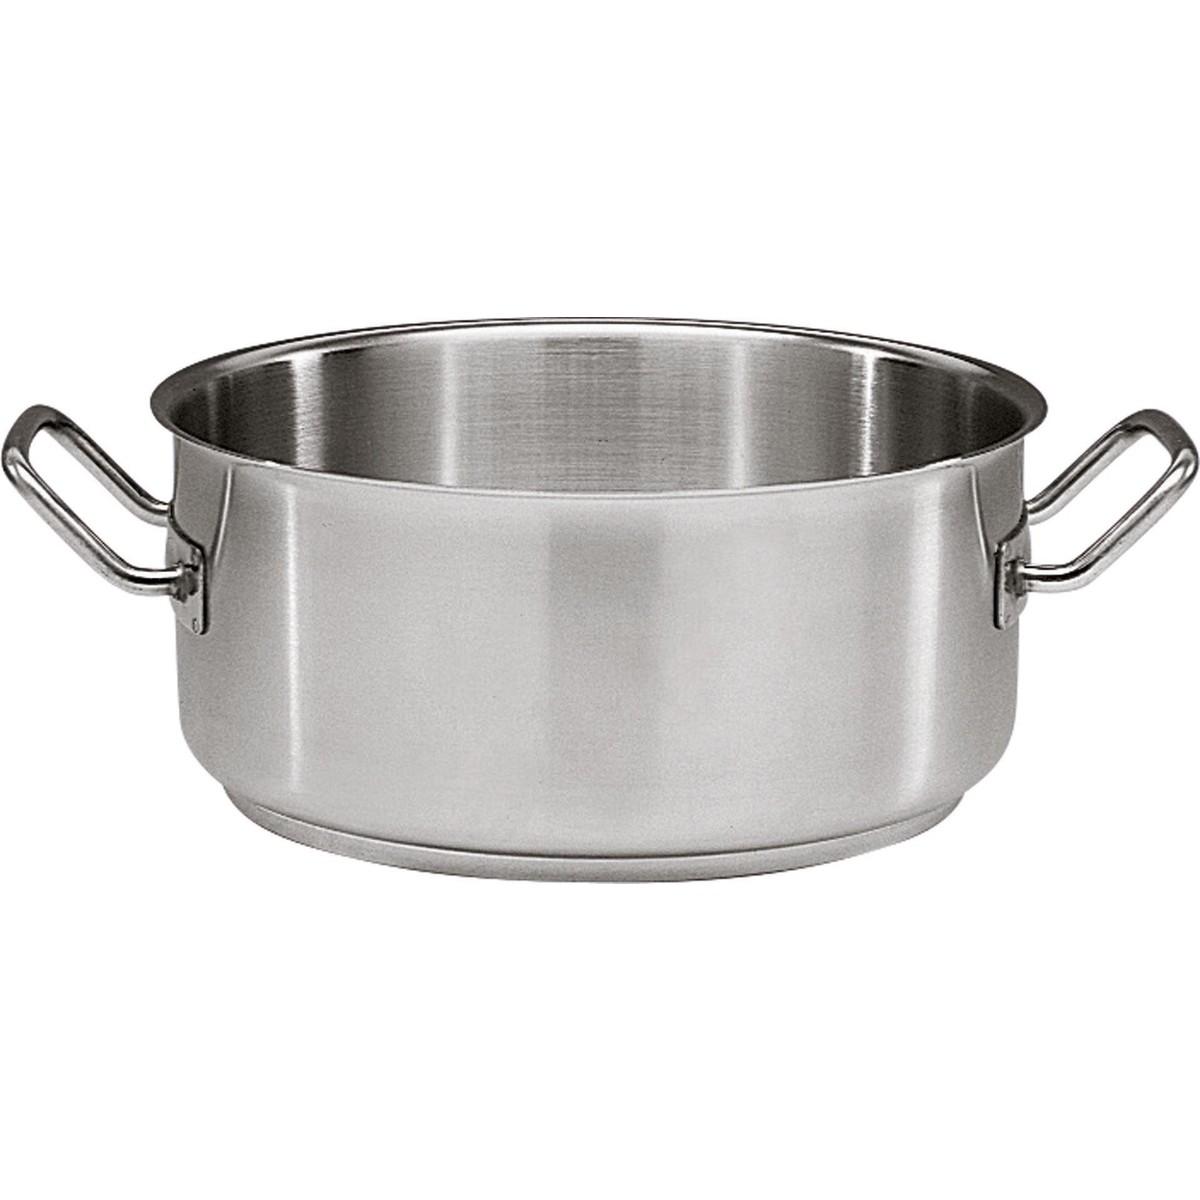 """Bratentopf flach """"Cookmax Economy"""" 24cm"""